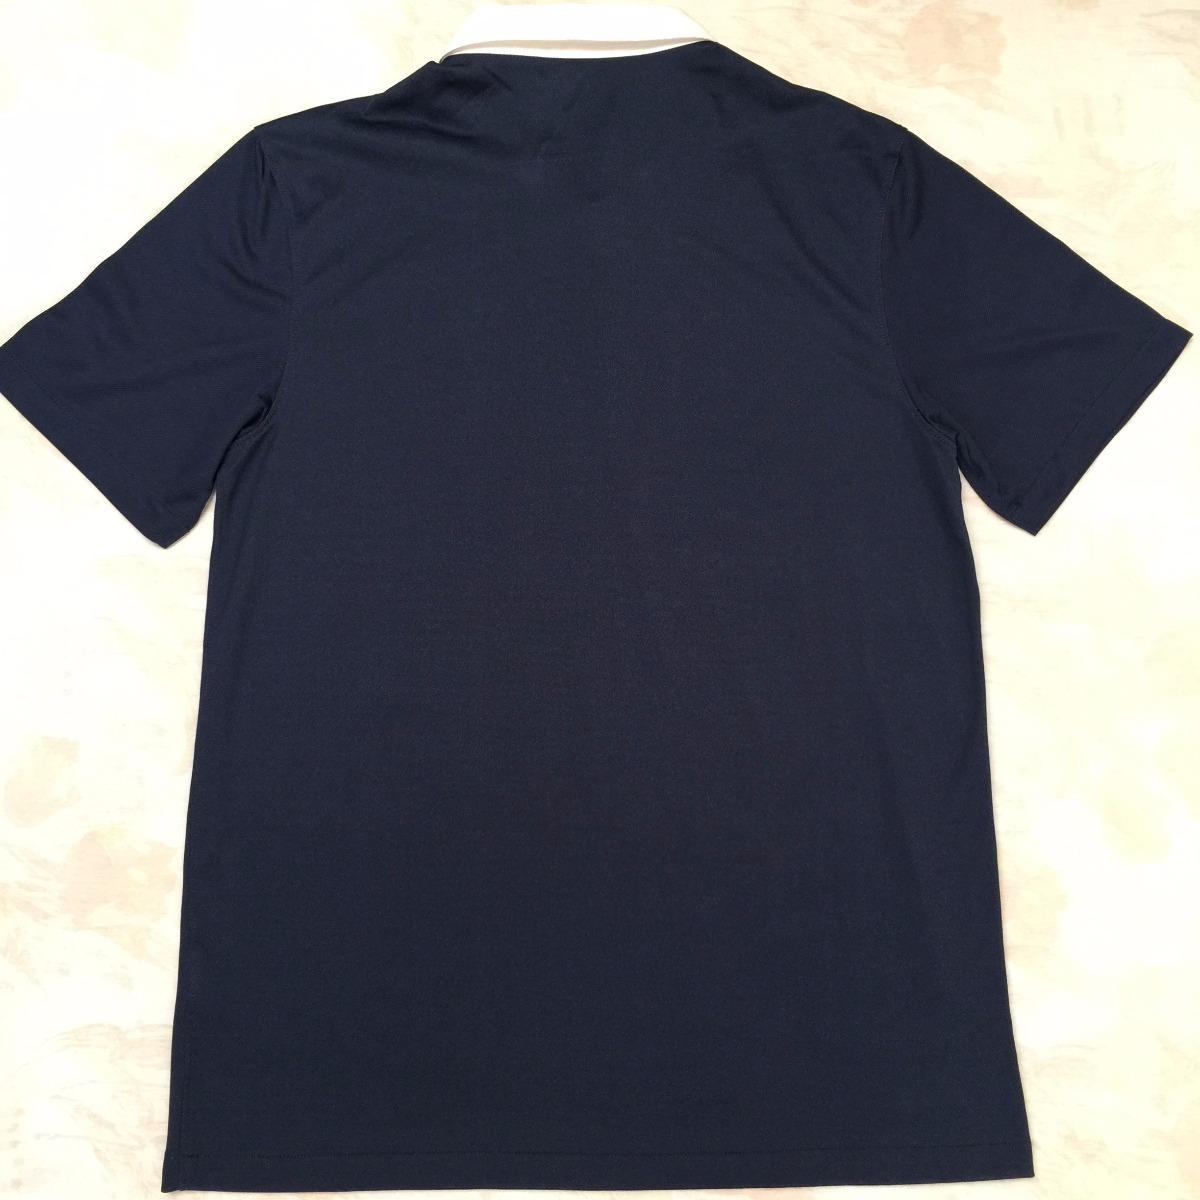 camisa nike frança home 2014 m original fn1608. Carregando zoom. 6b978859da2f7